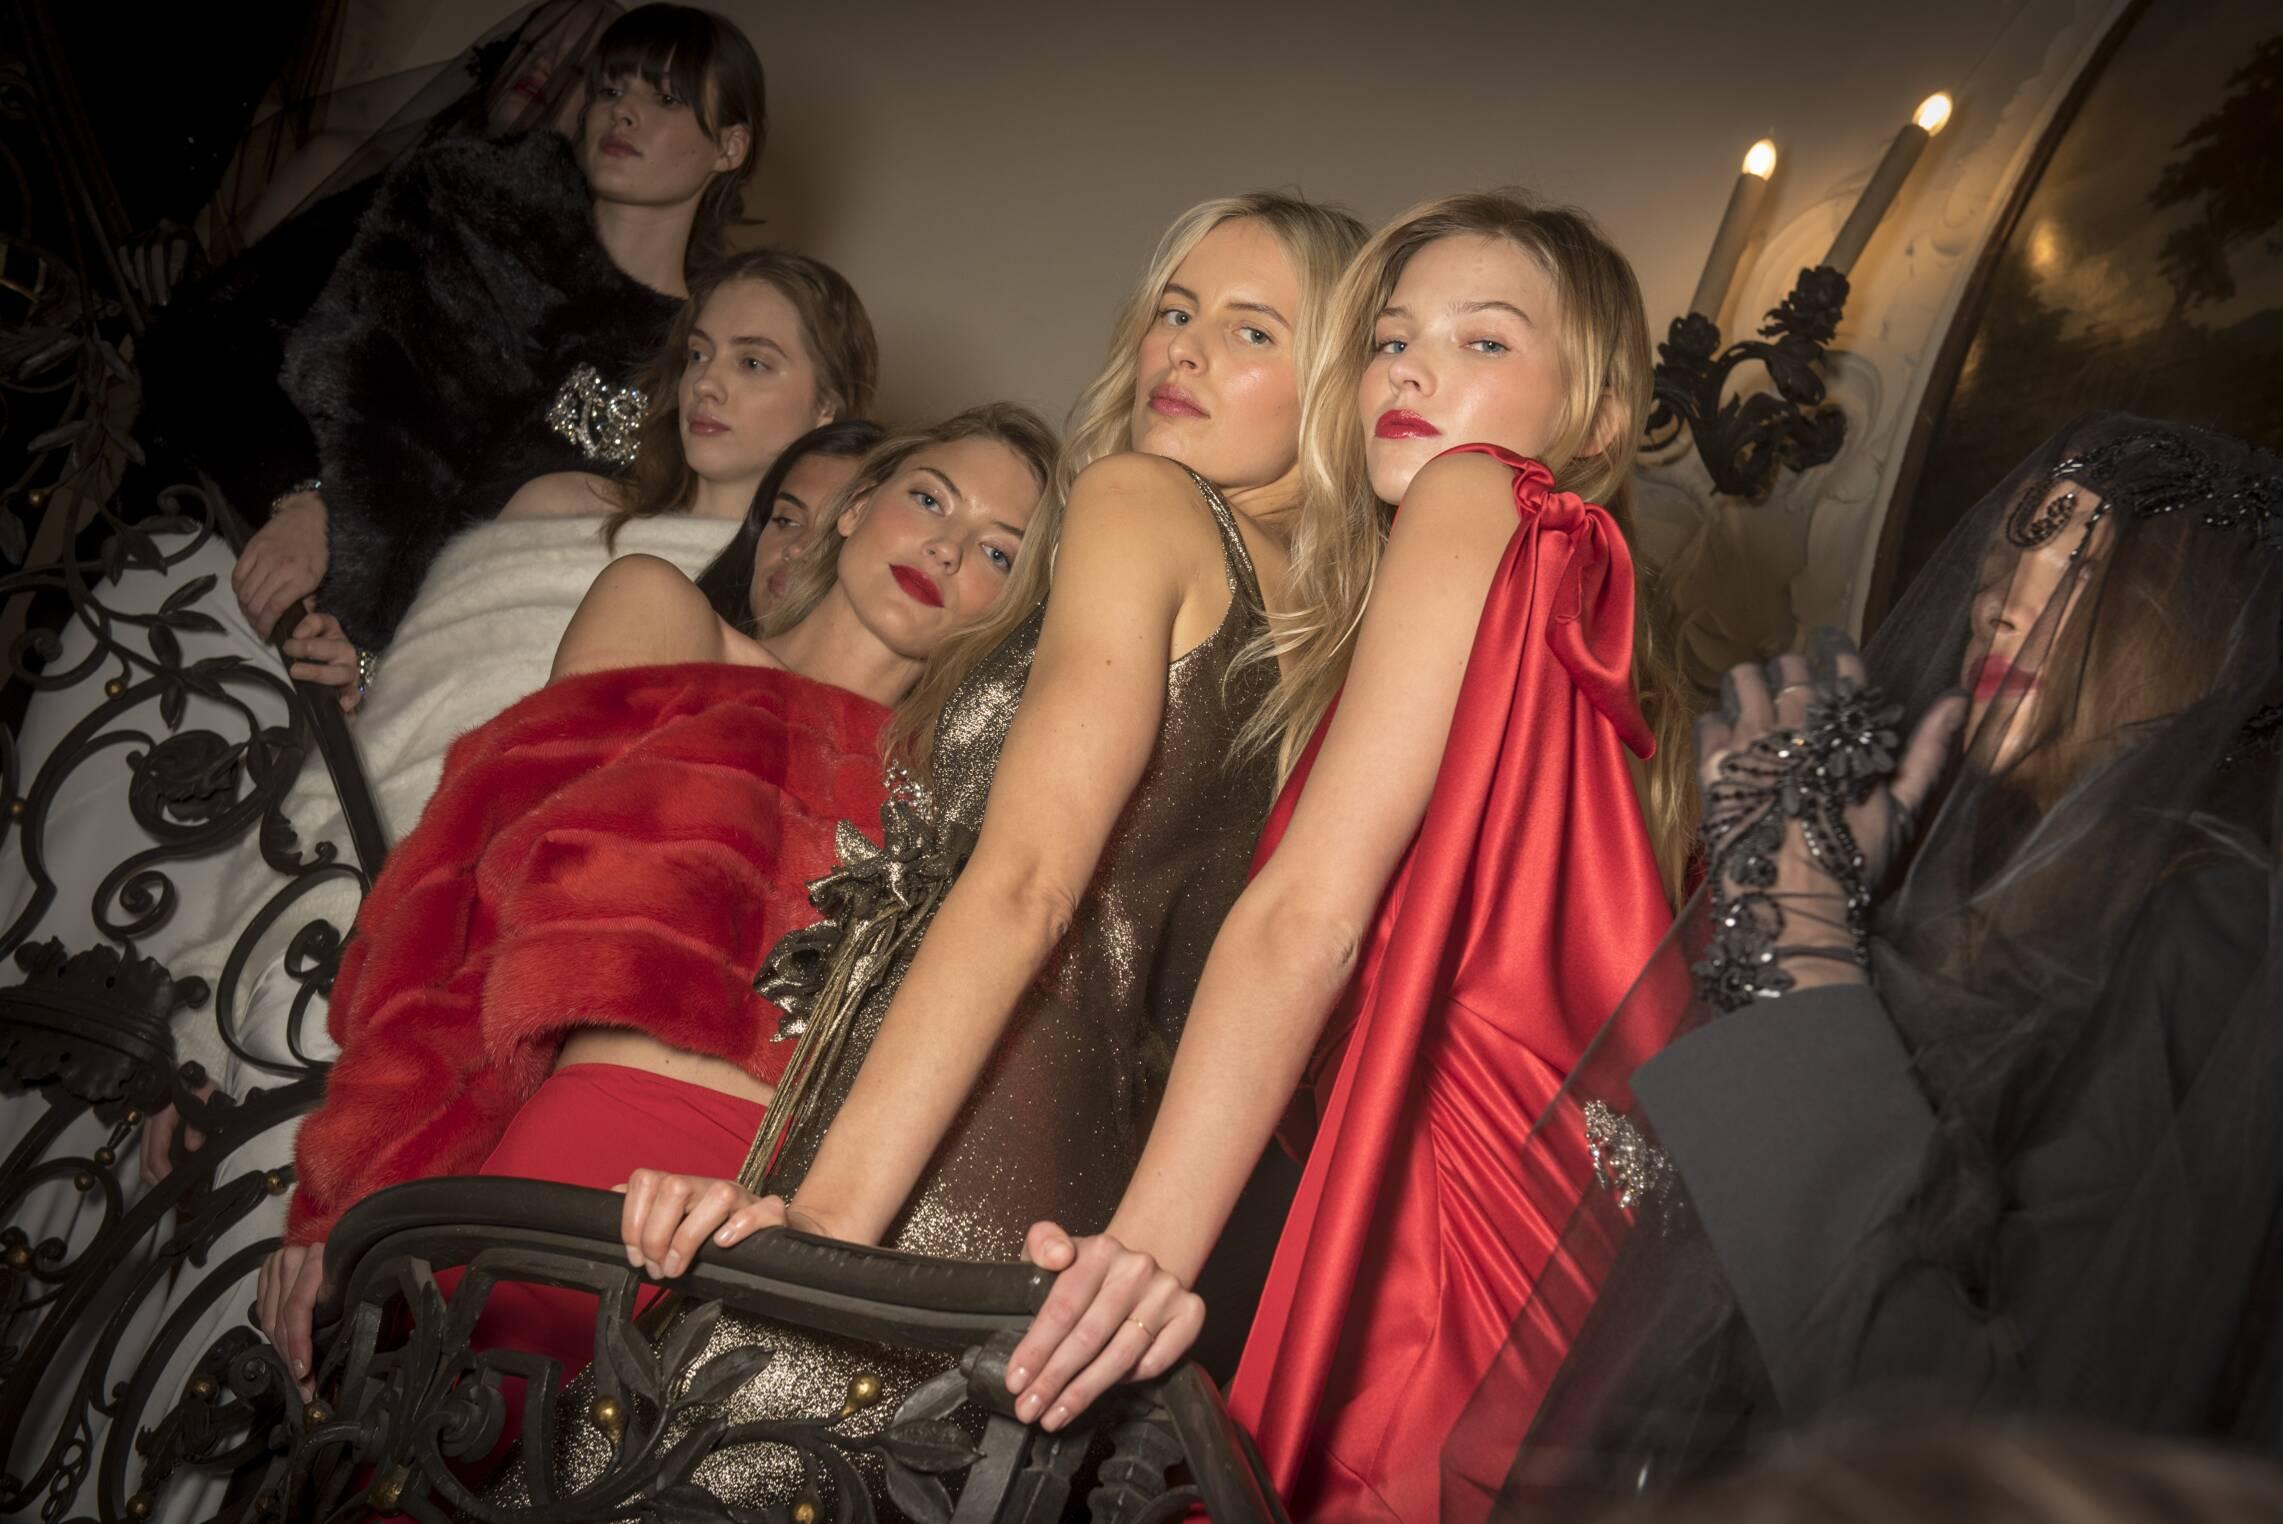 2017-18 Backstage Alberta Ferretti Models Palazzo Donizzetti Milan